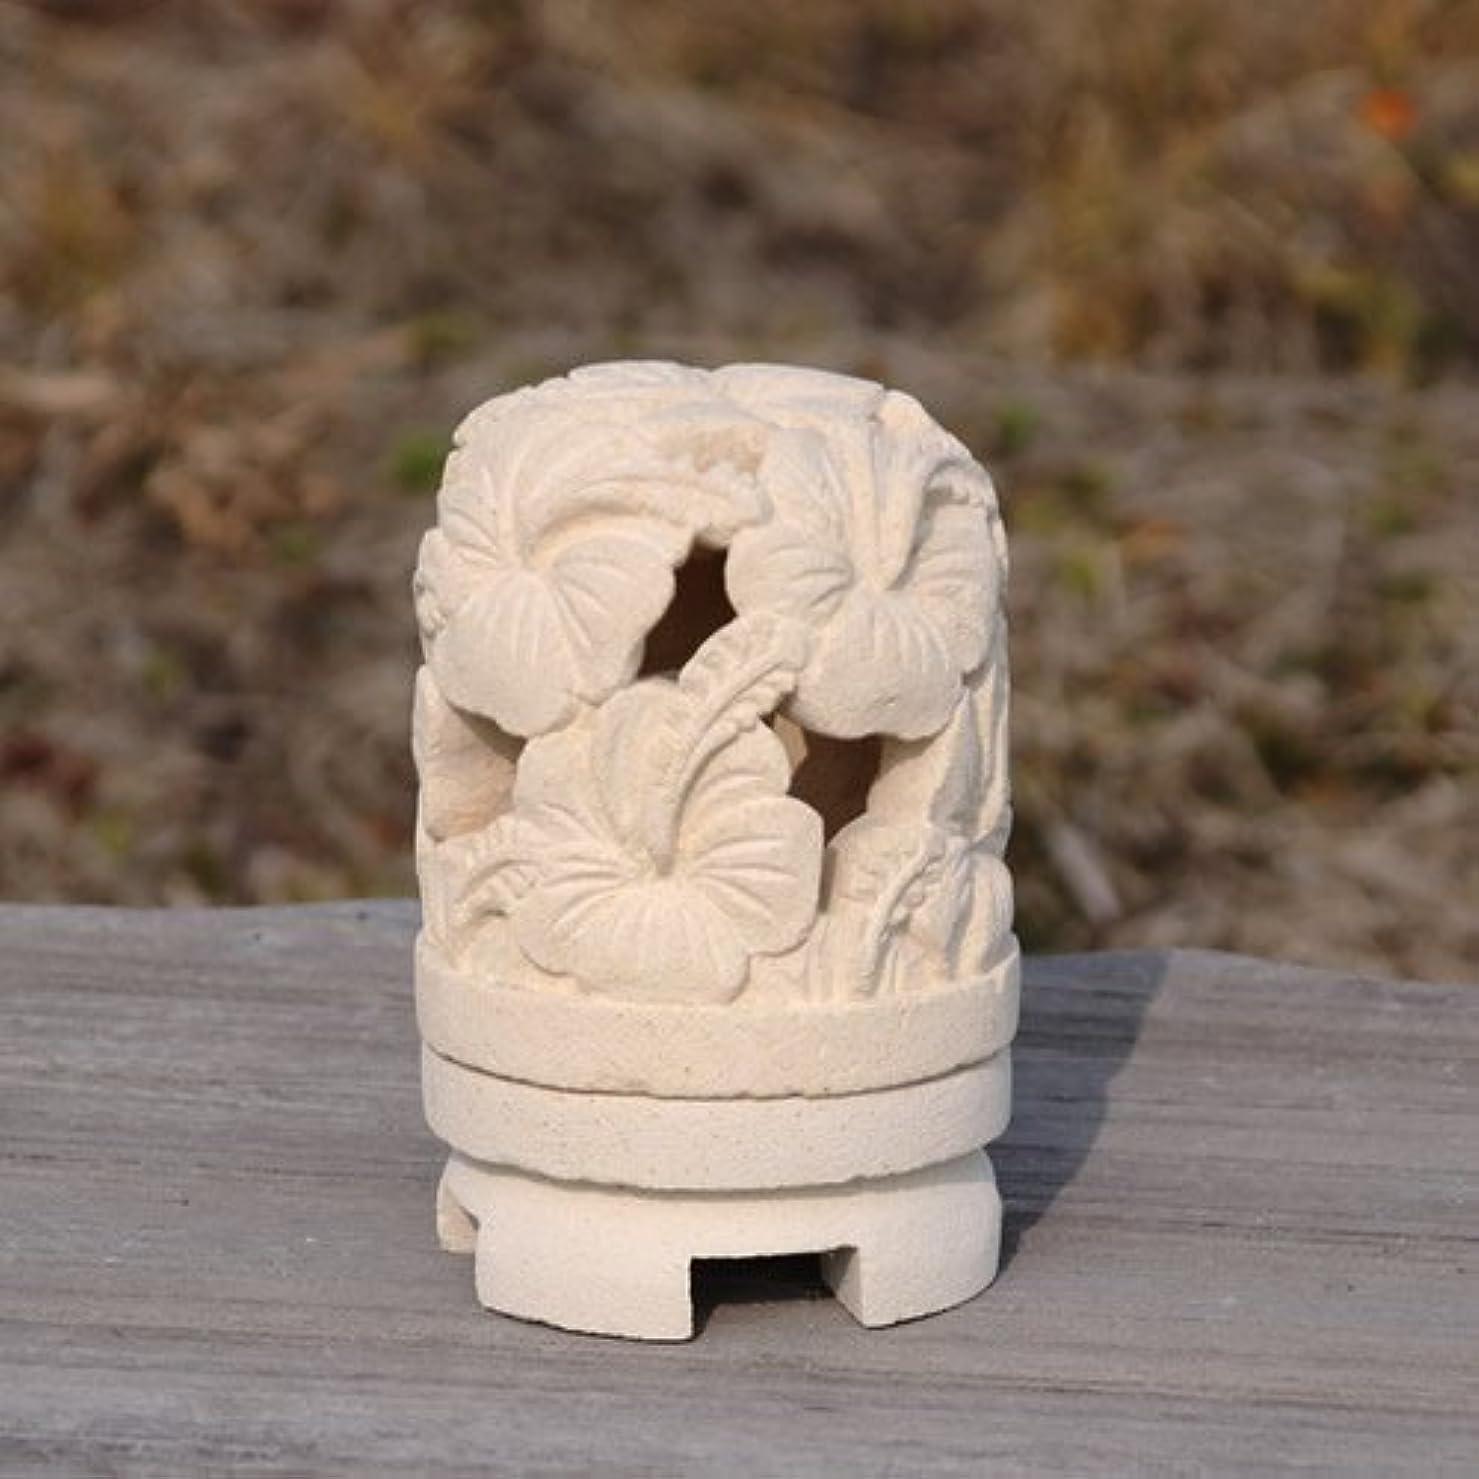 打撃指紋パパライムストーンで出来たハンドメイドの丸いキャンドルホルダー (タイプB(ハイビスカス))